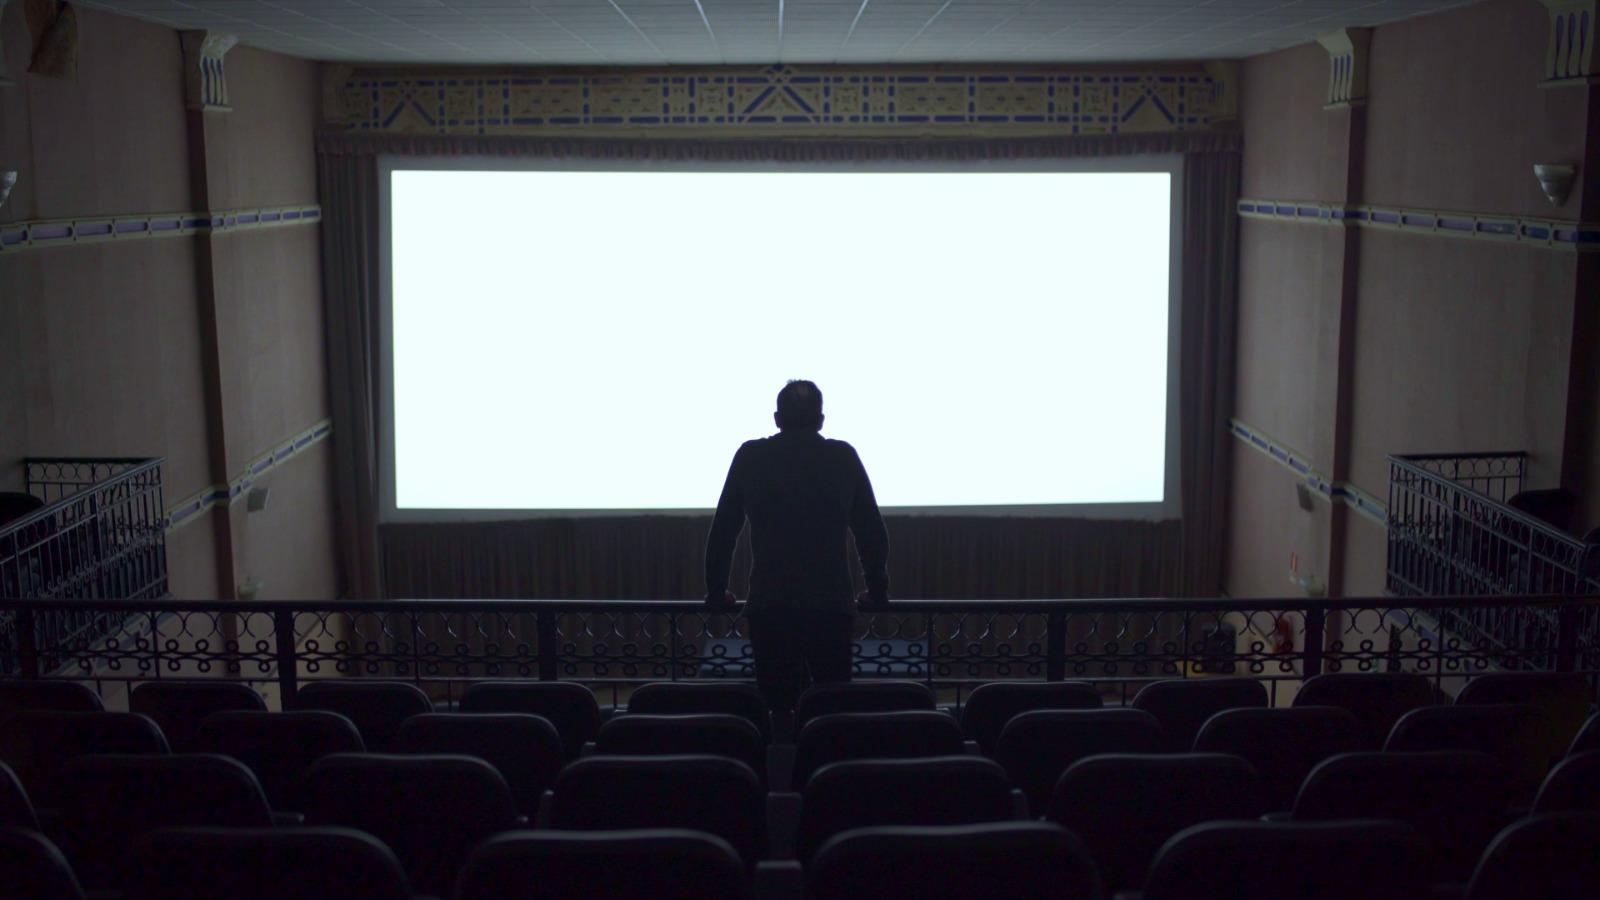 """""""Solo al cinema"""": un corto al sostegno del cinema. Da Catania il crowdfunding per fare film aiutando le sale"""